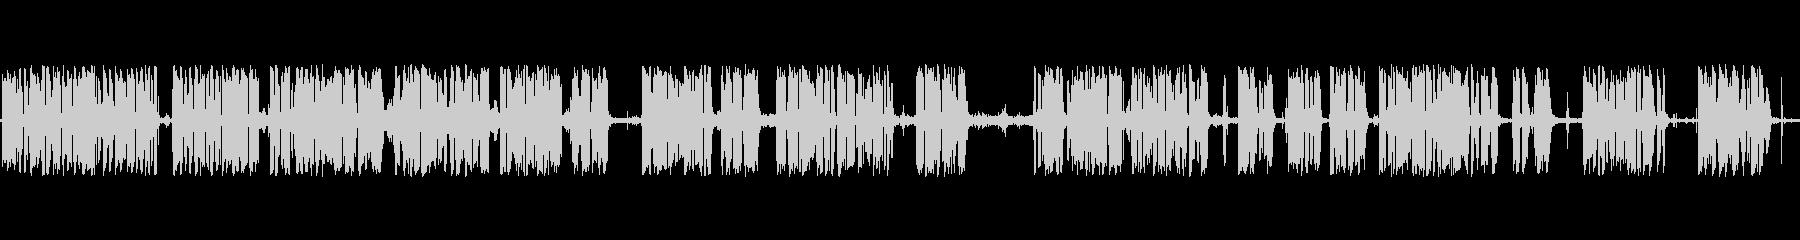 アナウンサーカーレースメガホンaの未再生の波形